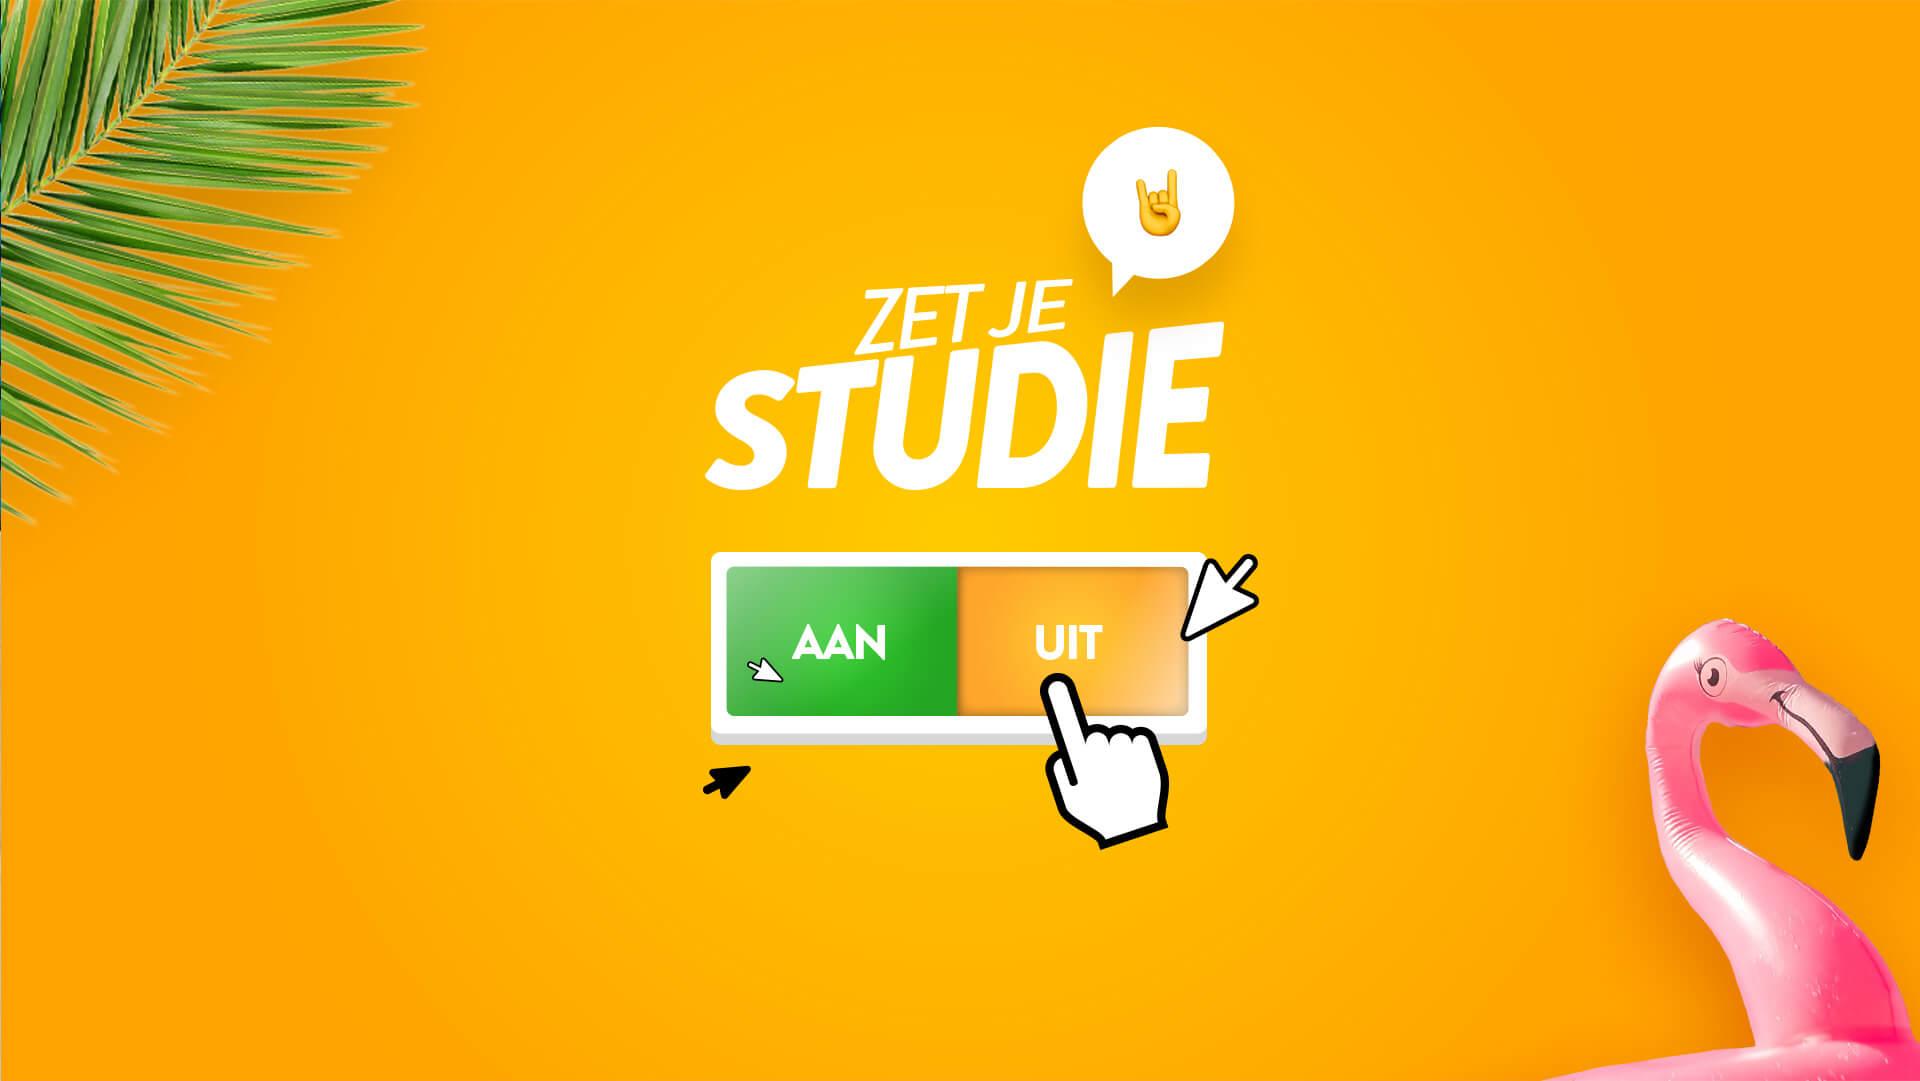 Studie UIT / Studie AAN